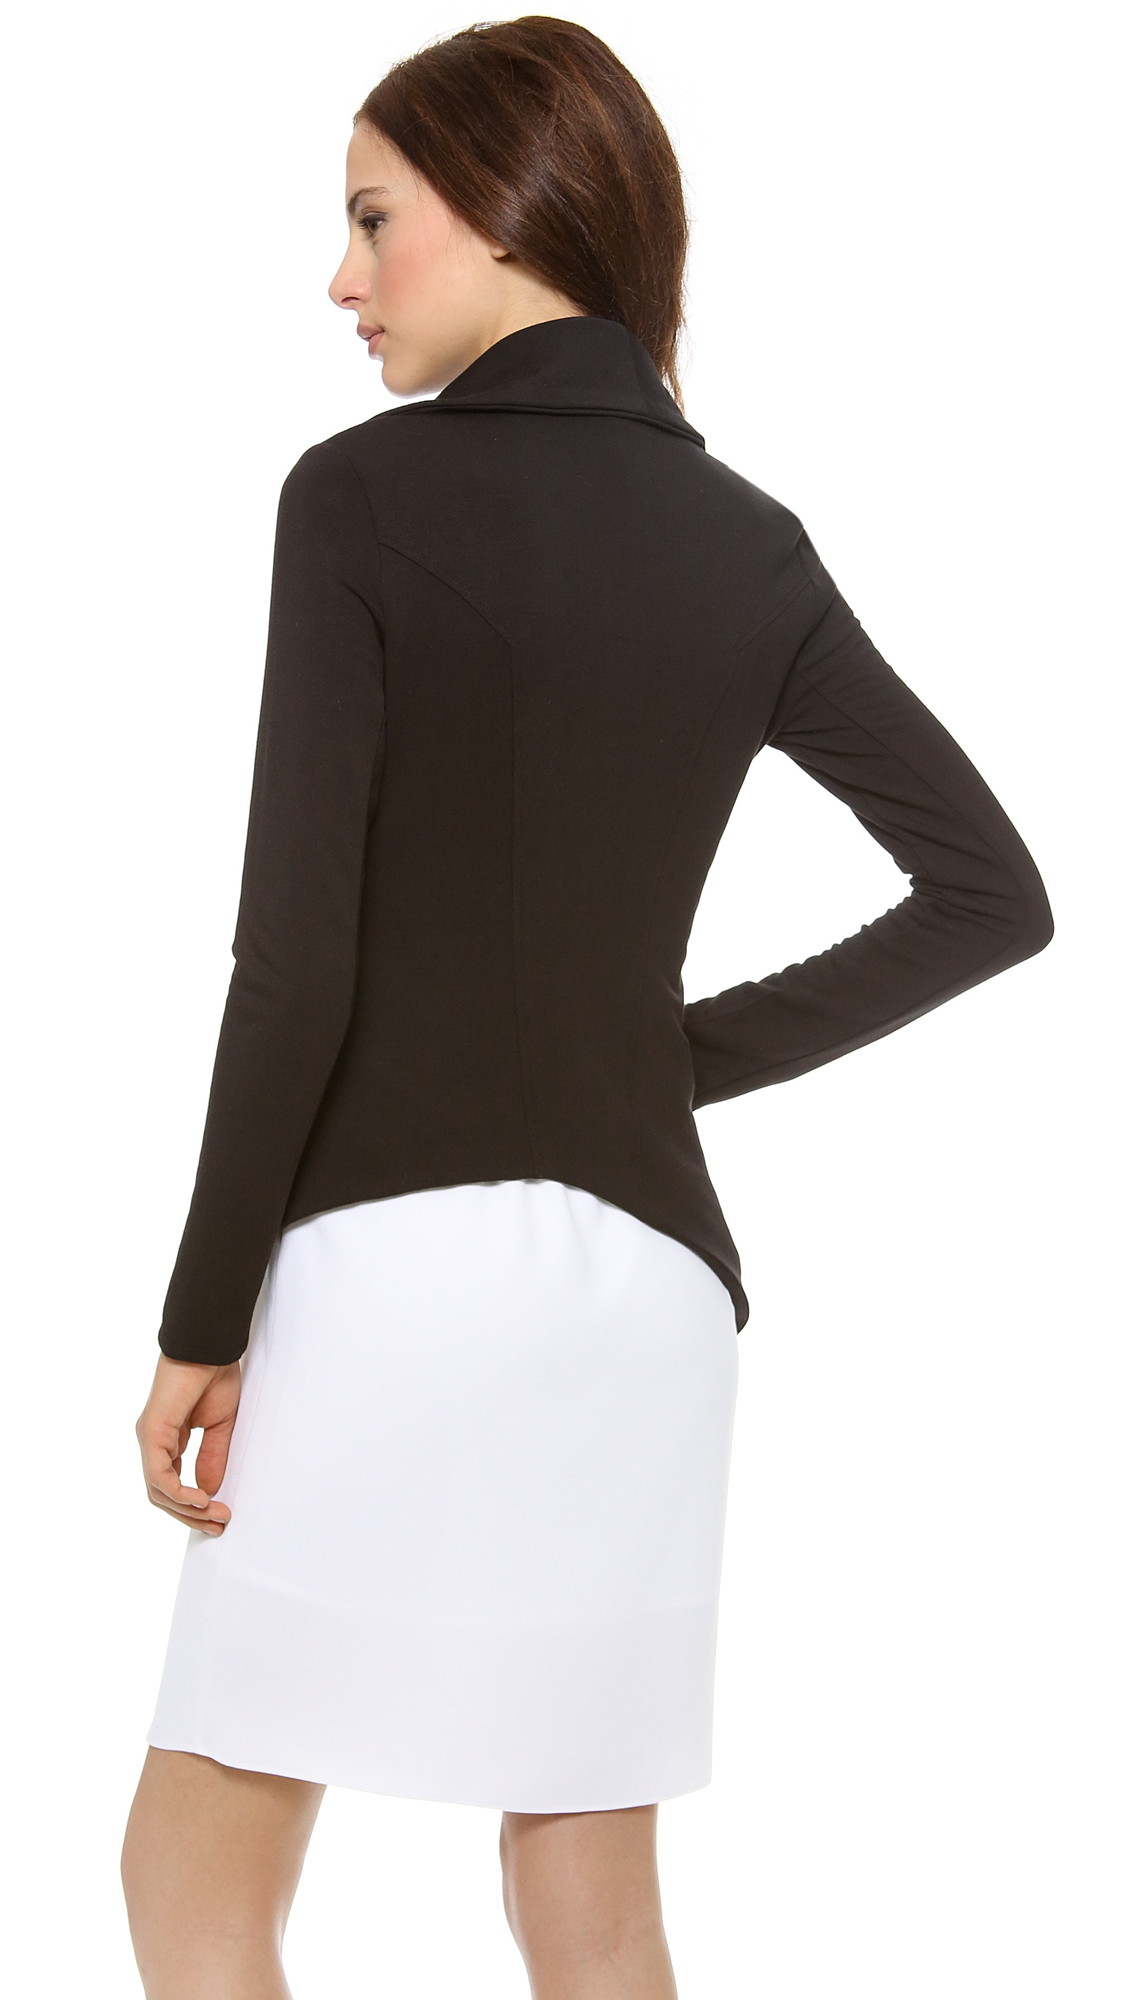 Helmut lang villous sweatshirt zip jacket in black lyst - Sweatshirt kleid lang ...